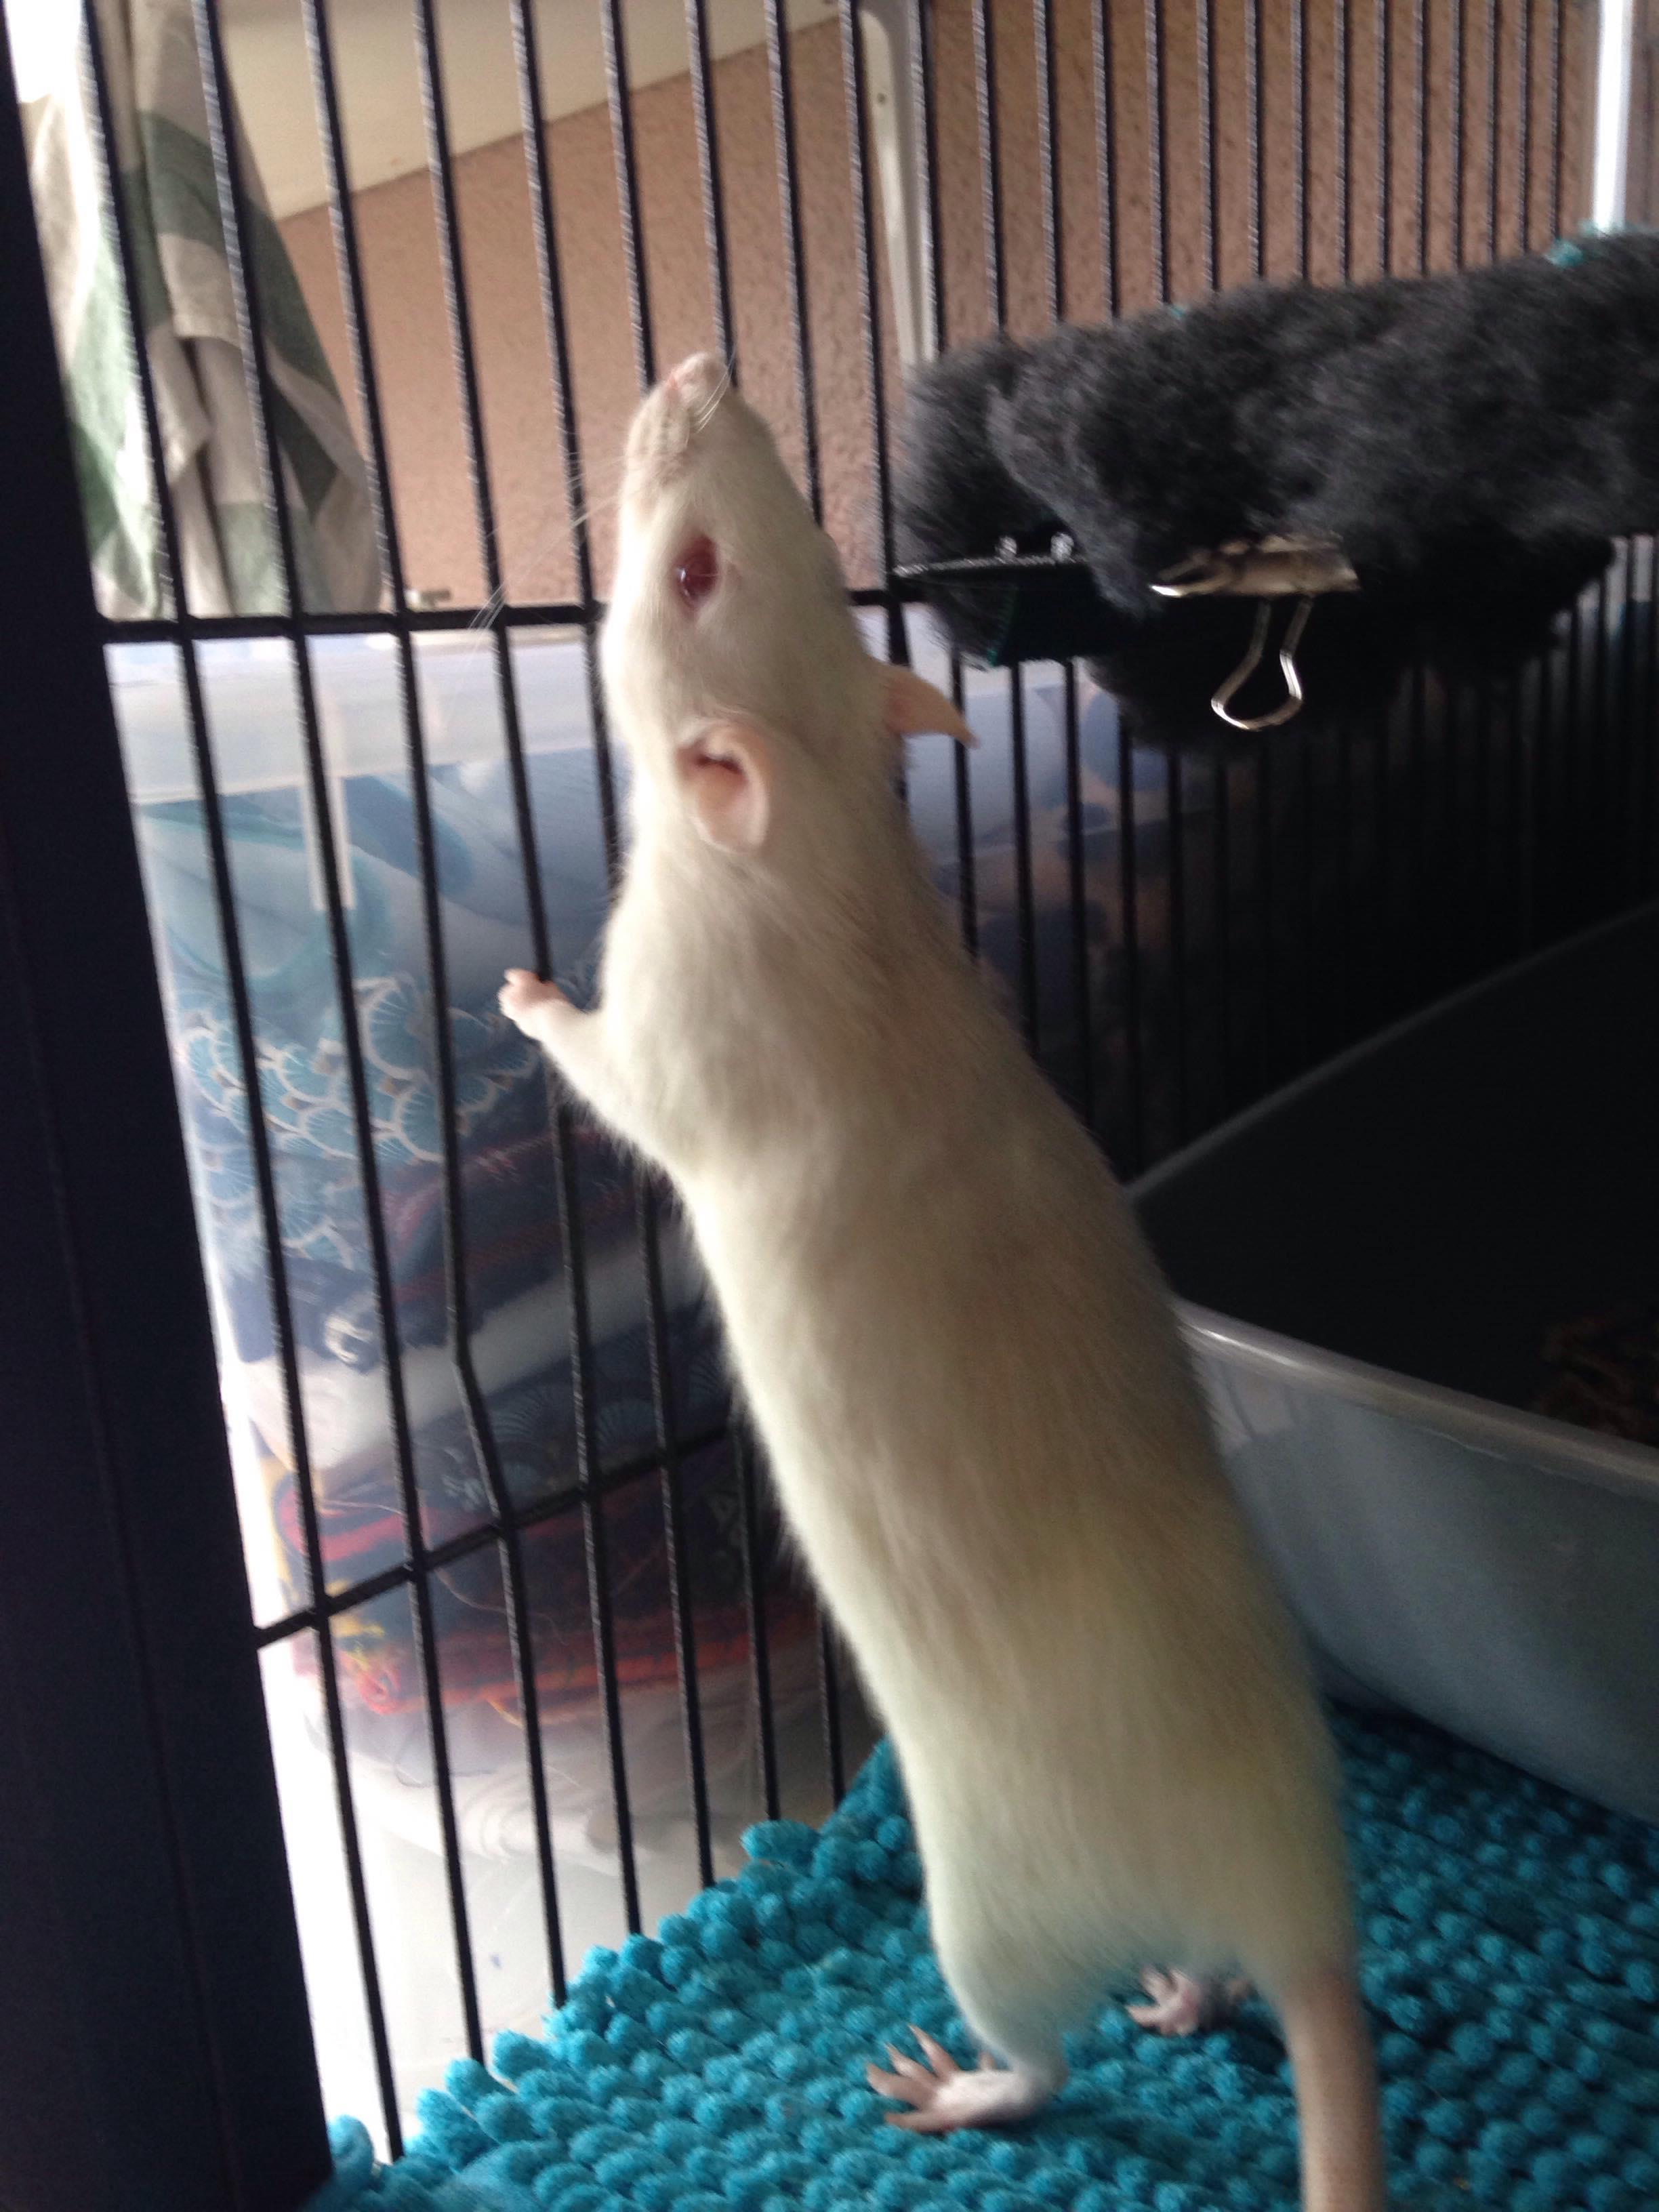 Les 3 p'tits rats 33573410